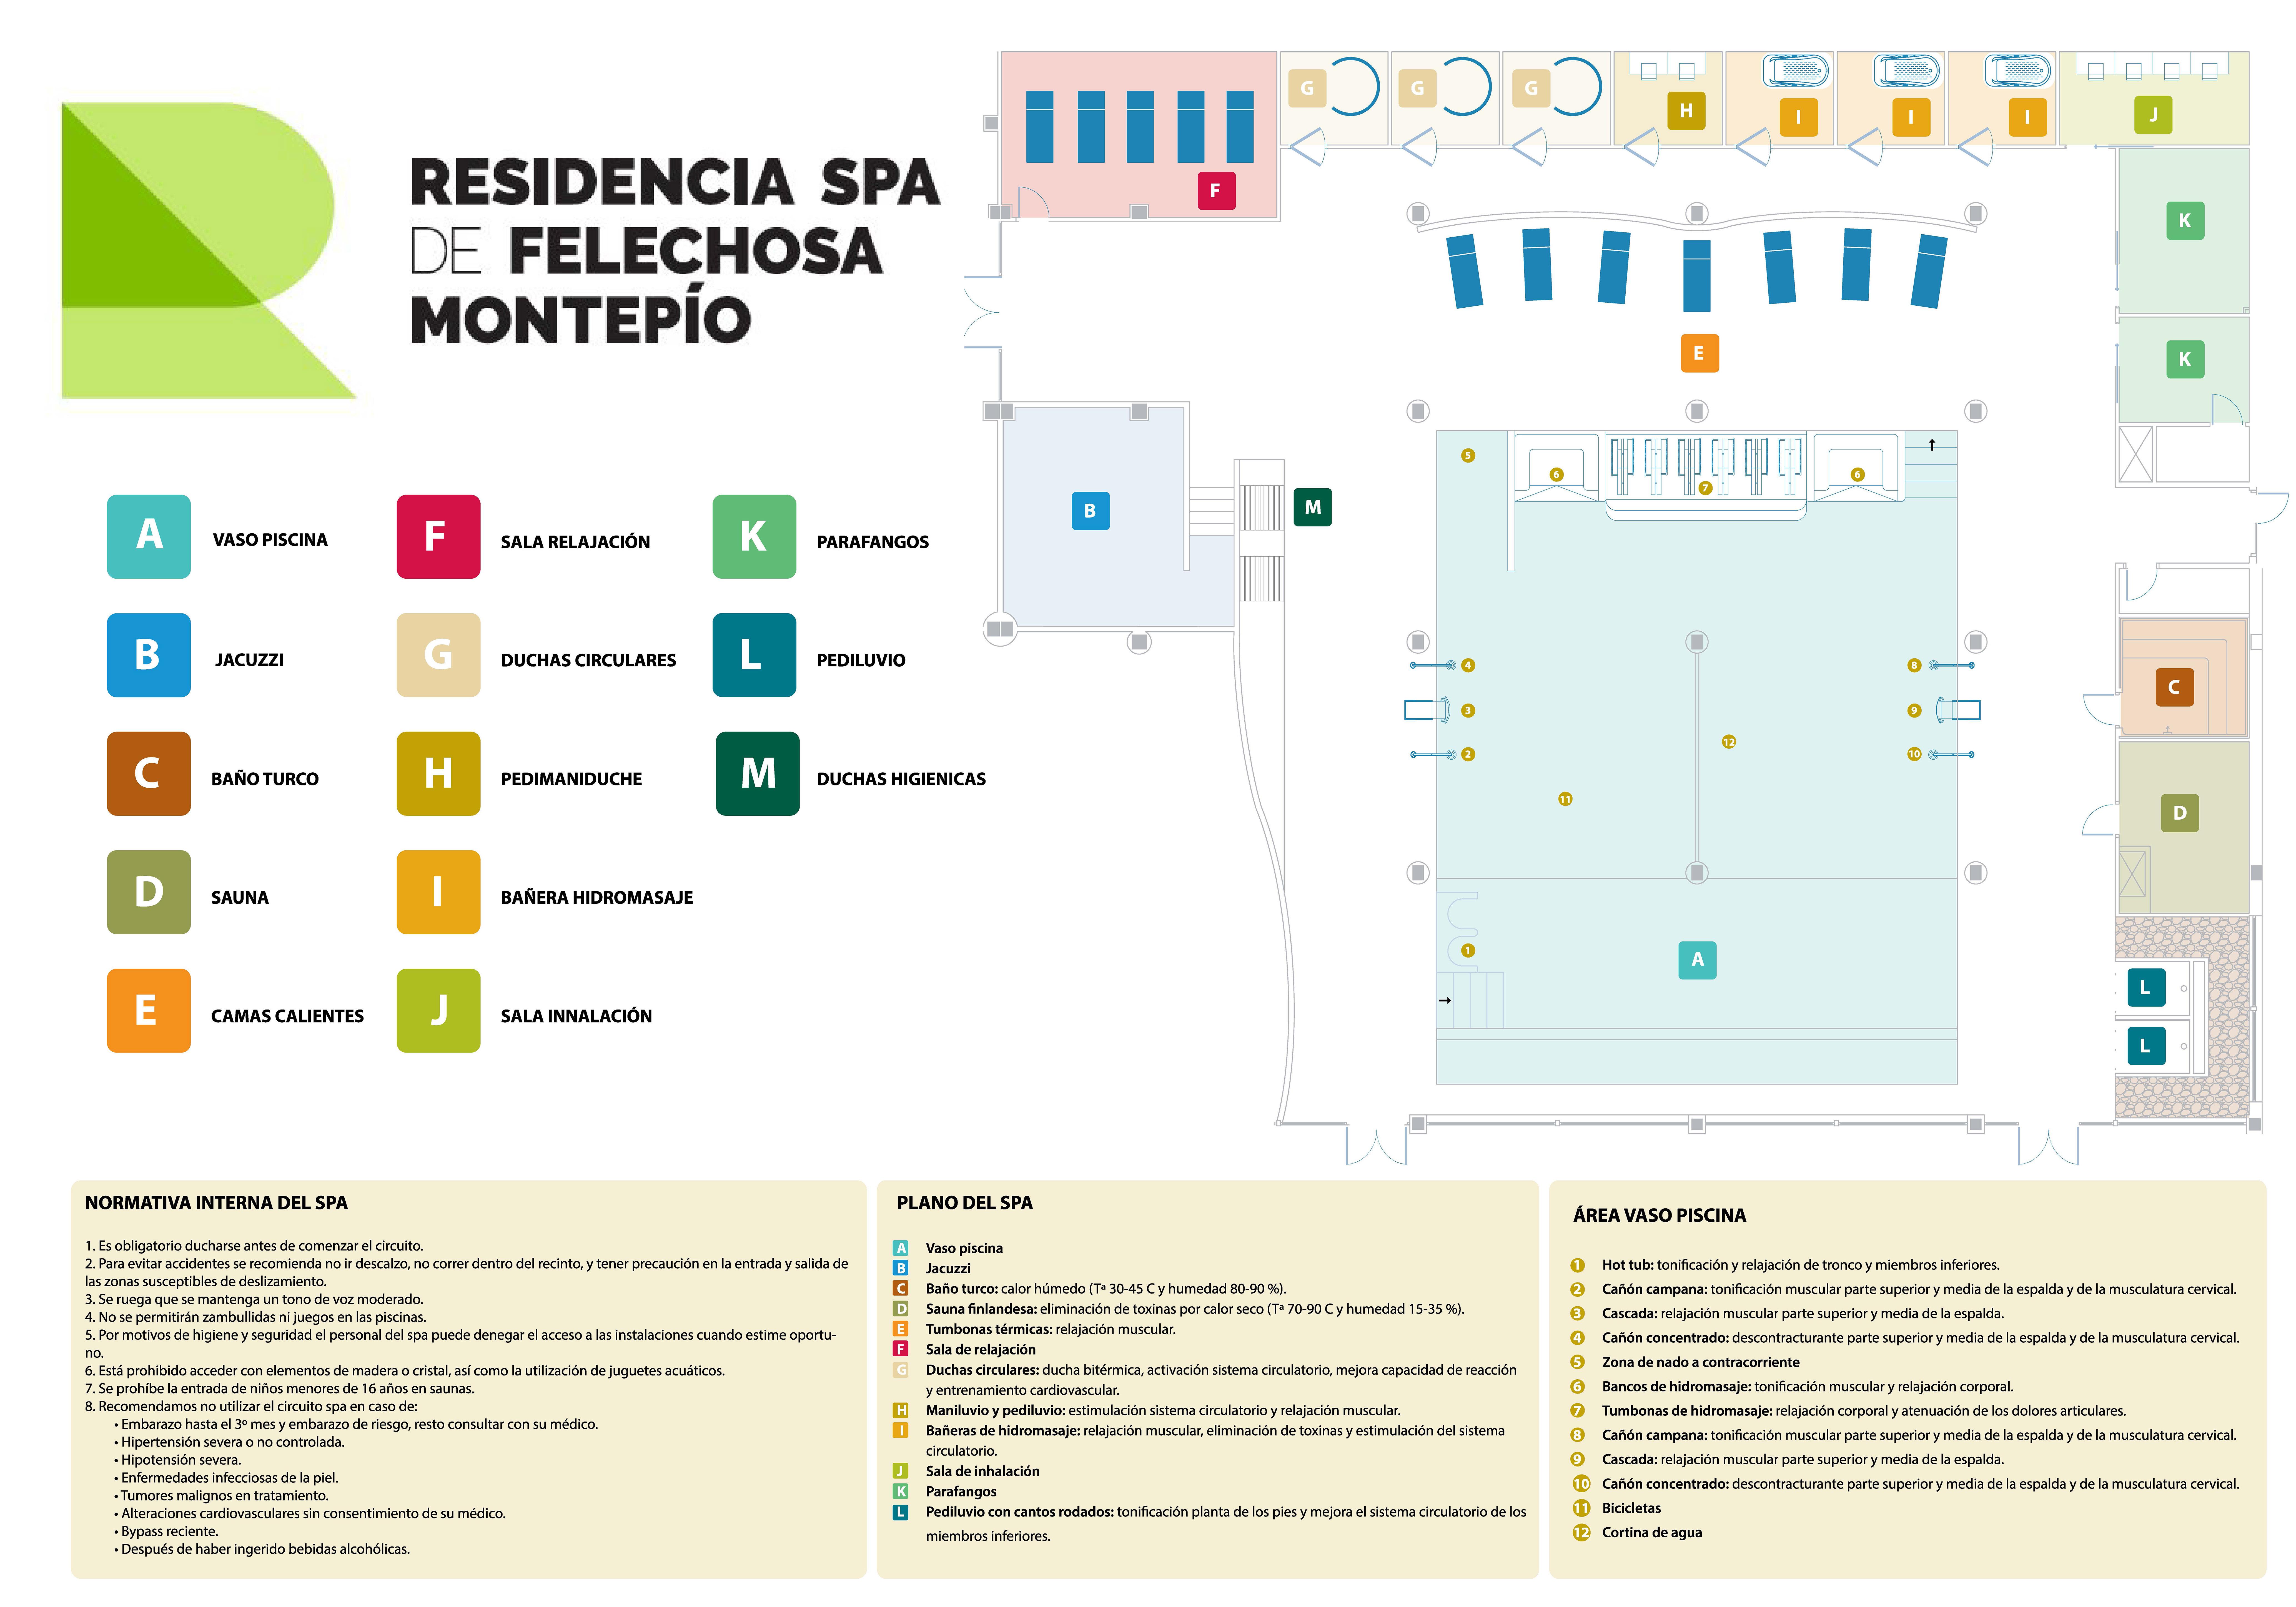 Infografía del spa de la Residencia Spa de Felechosa